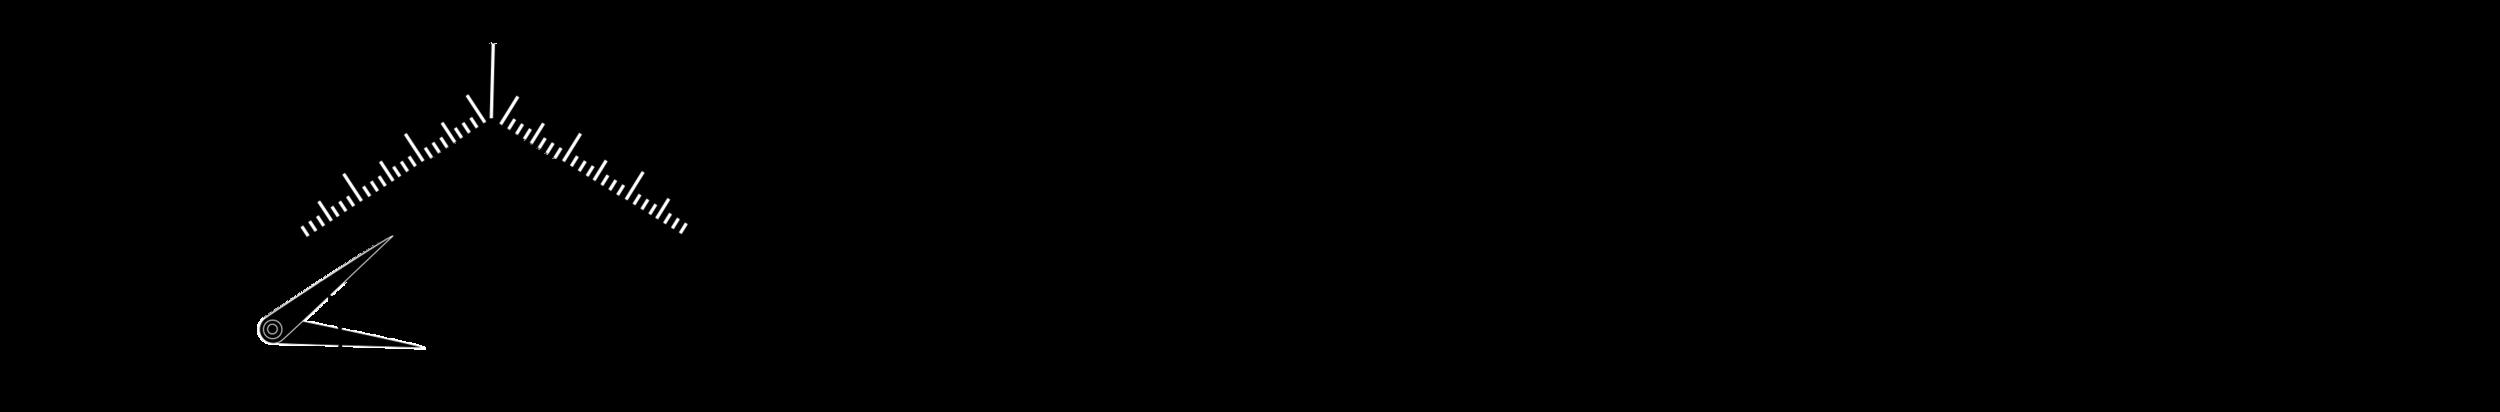 logo_transparentback.png